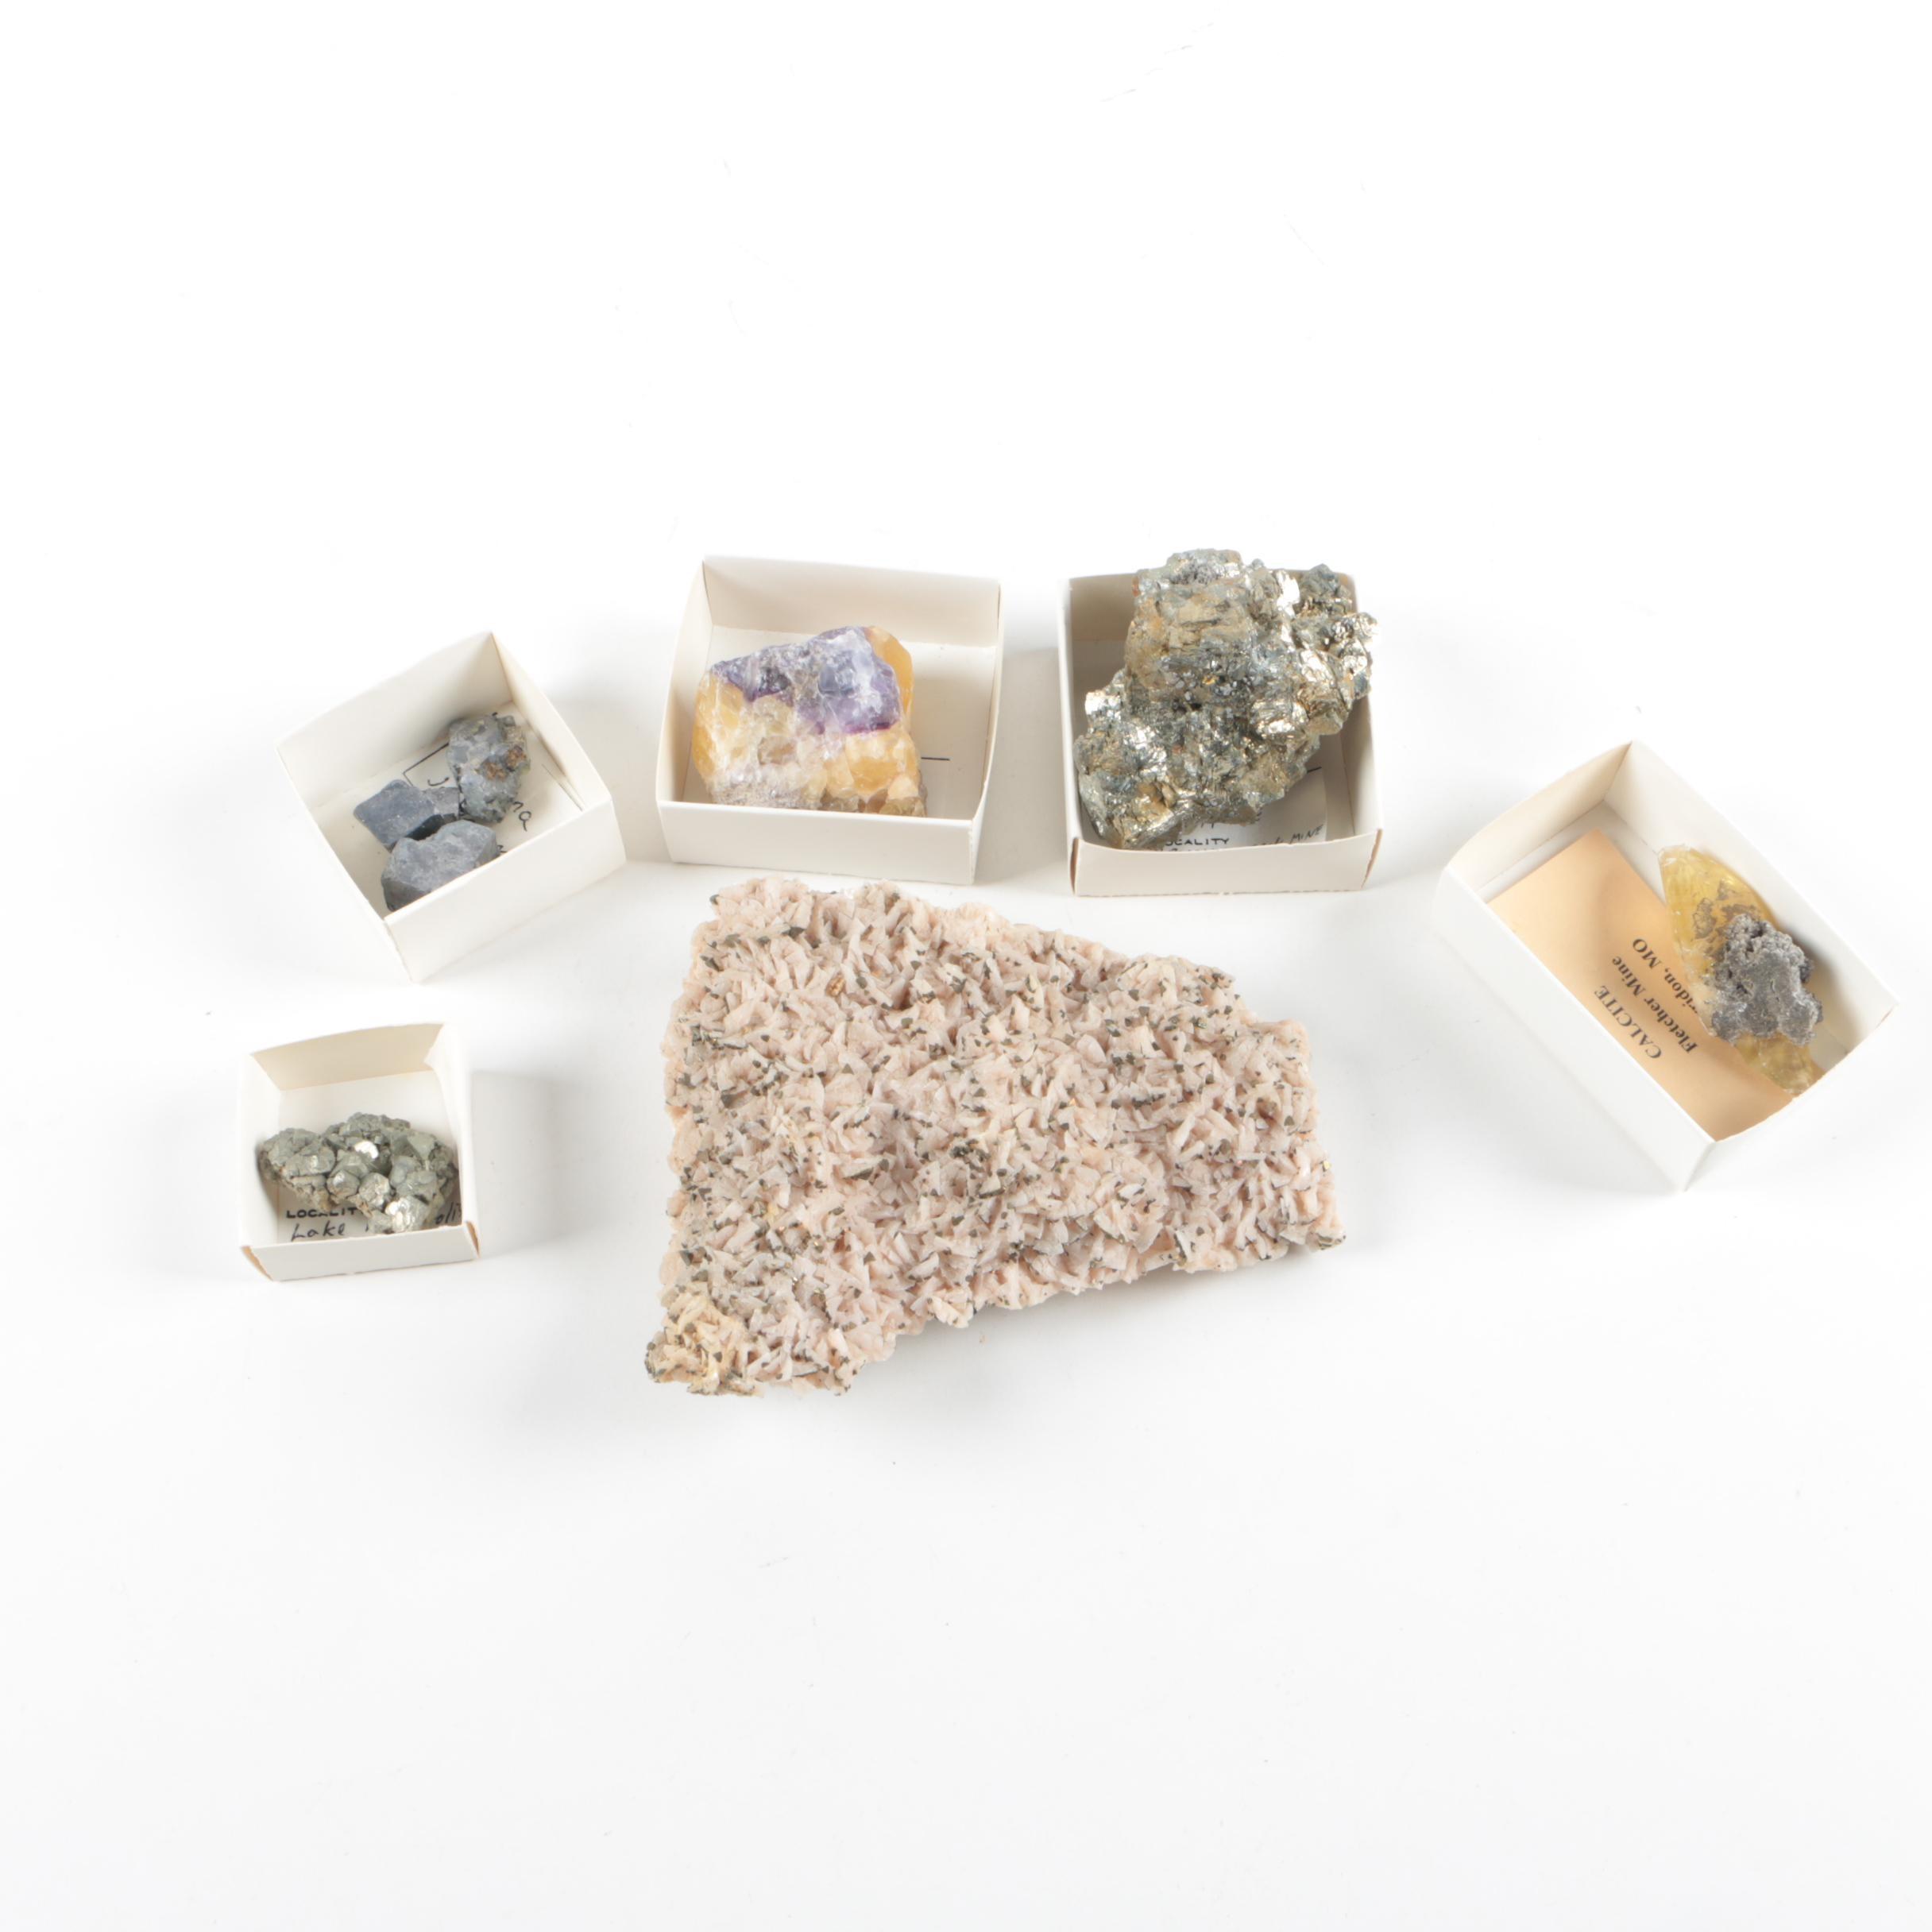 MVT Mineral Specimens